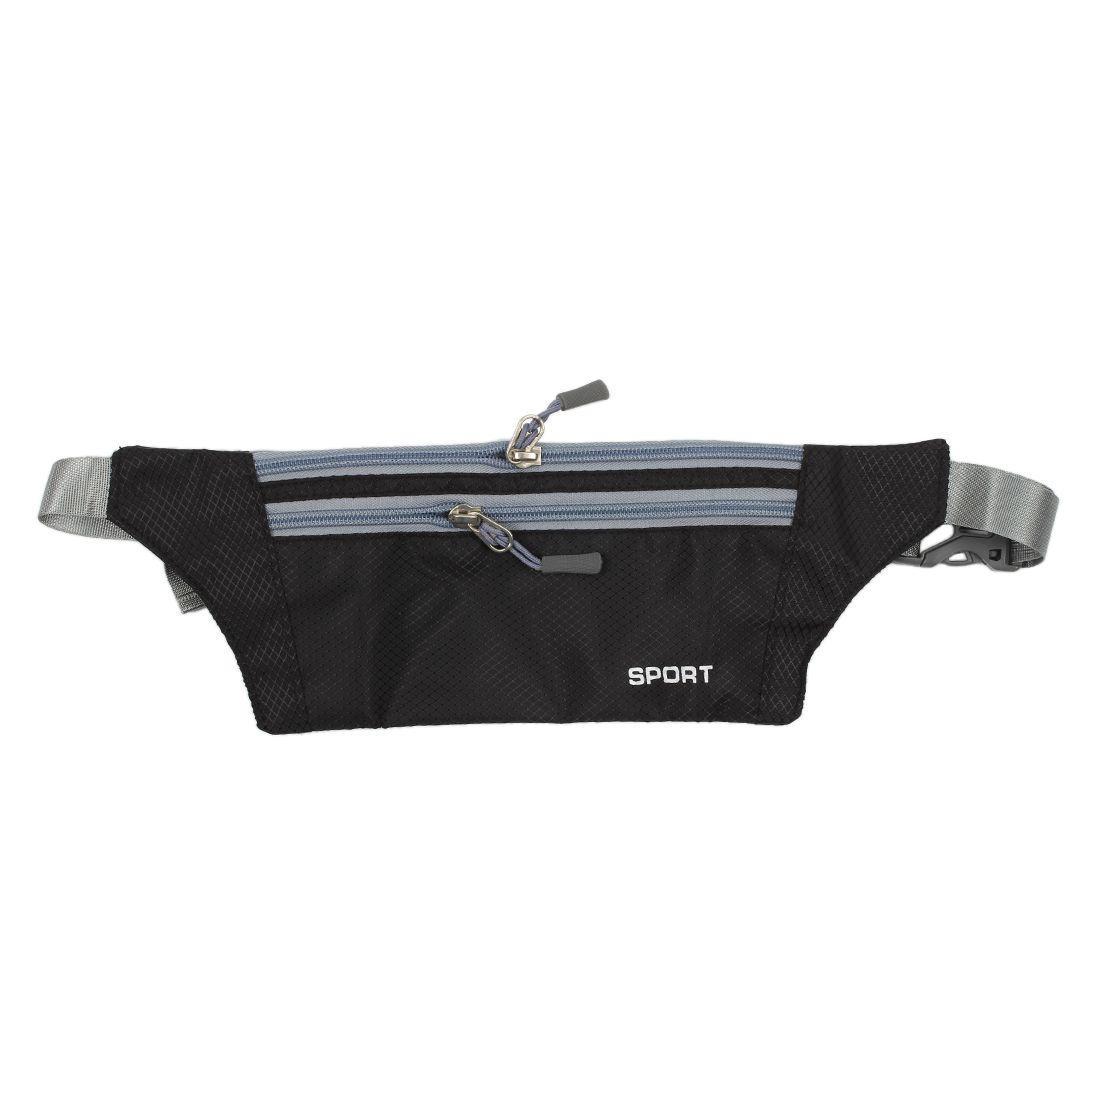 Unisex Running Bum Bag Travel Handy Hiking Sport Fanny Pack Waist Belt Zip Pouch Black By Sunnny2015.